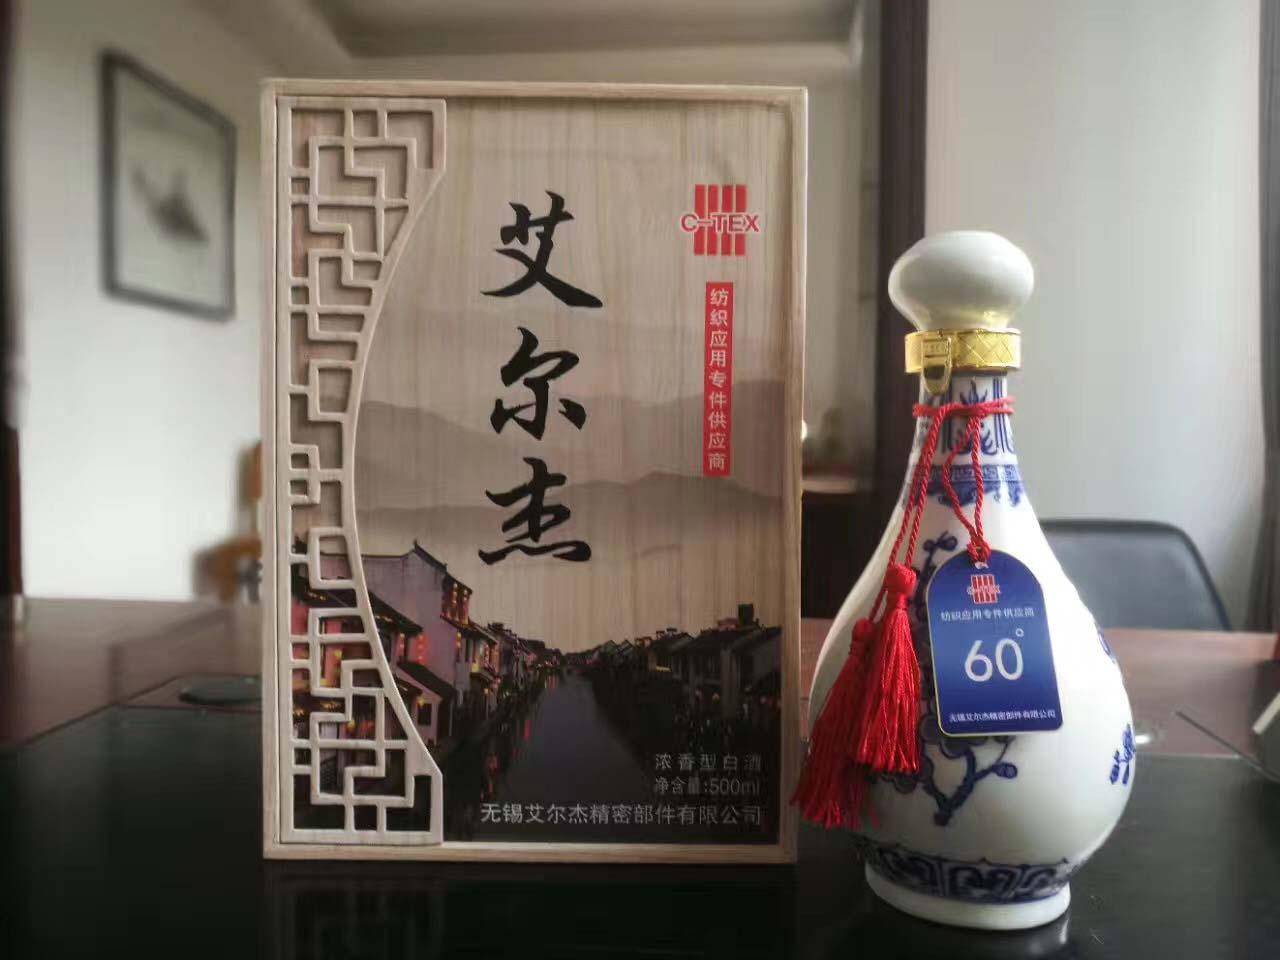 企业定制酒无锡艾尔杰精密部件有限公司定制酒成功下线!